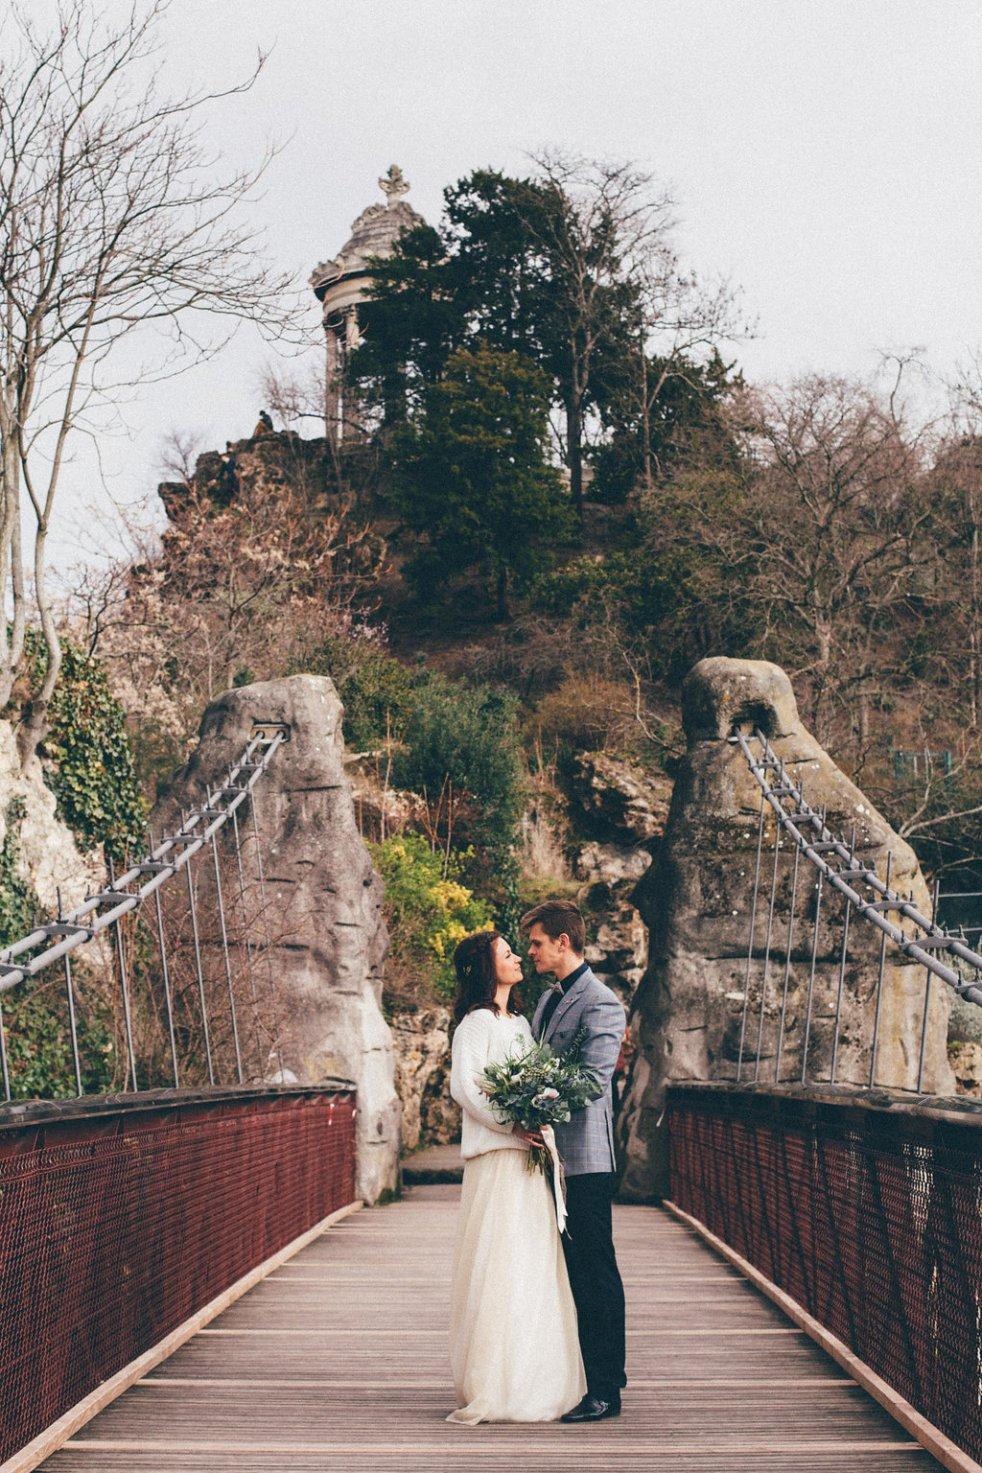 Shooting d'inspiration elopement aux Buttes-Chaumont Paris-Coralie Florino-Blog mariage La Mariee Sous Les Etoiles (49)